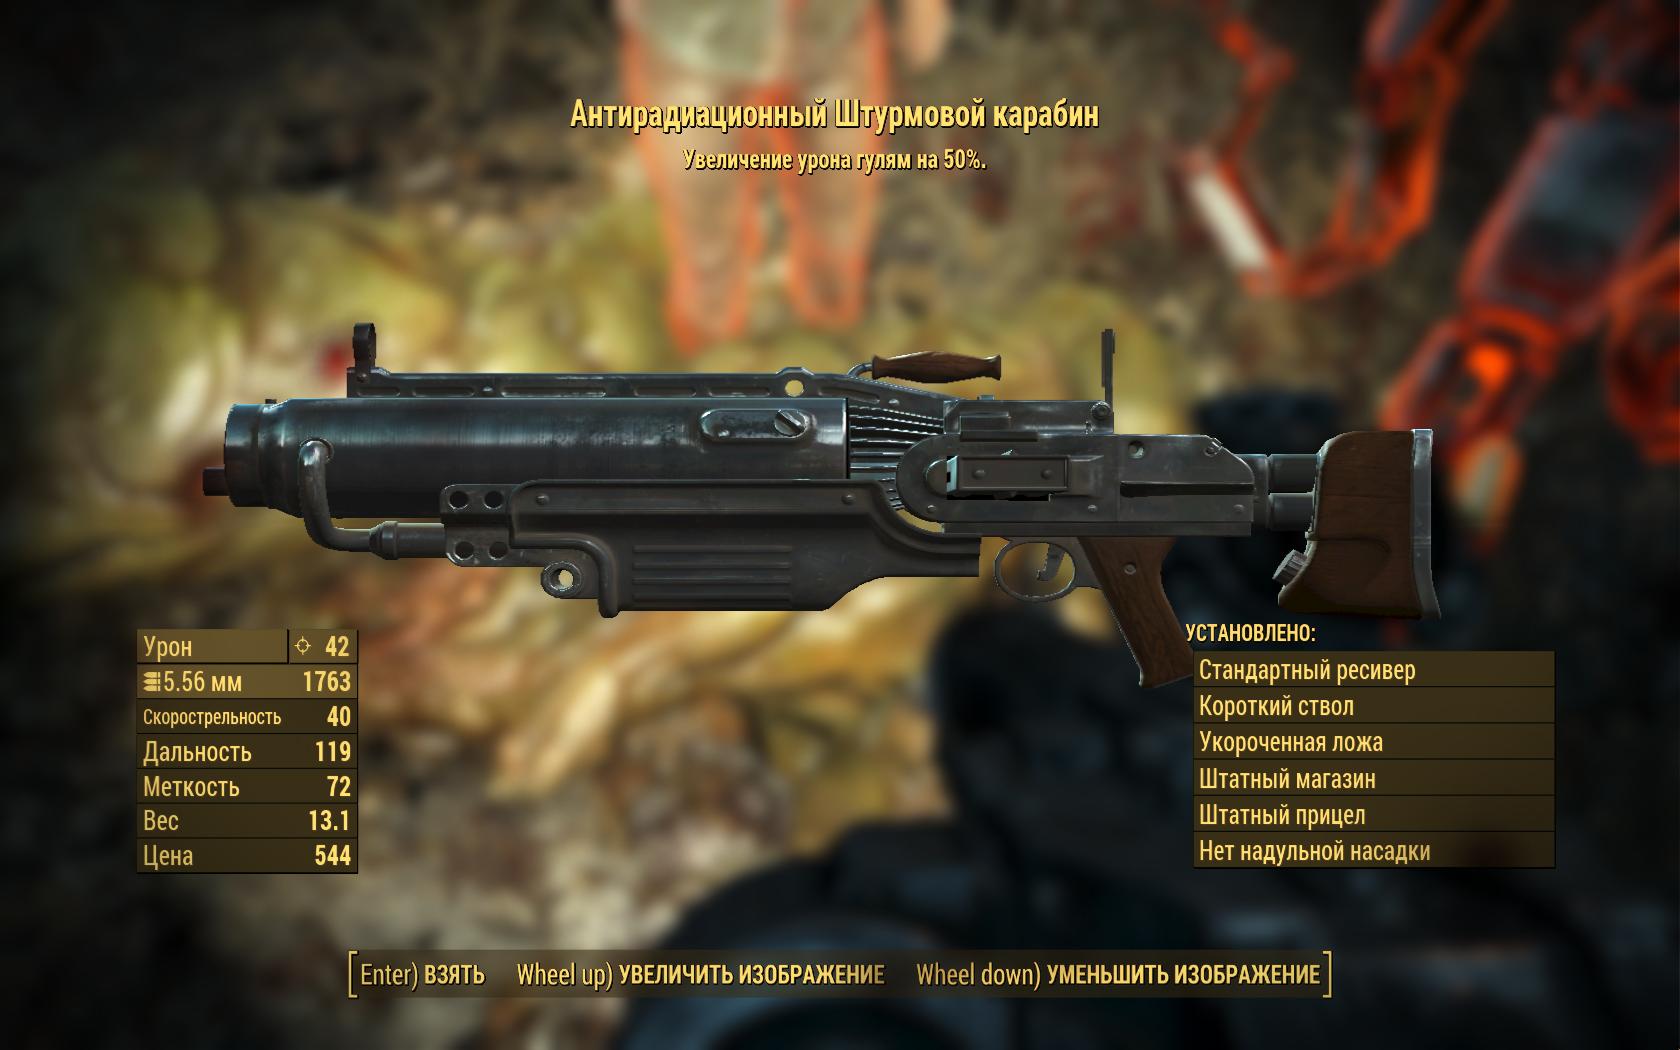 карабин - Fallout 4 Антирадиационный, Оружие, штурмовой